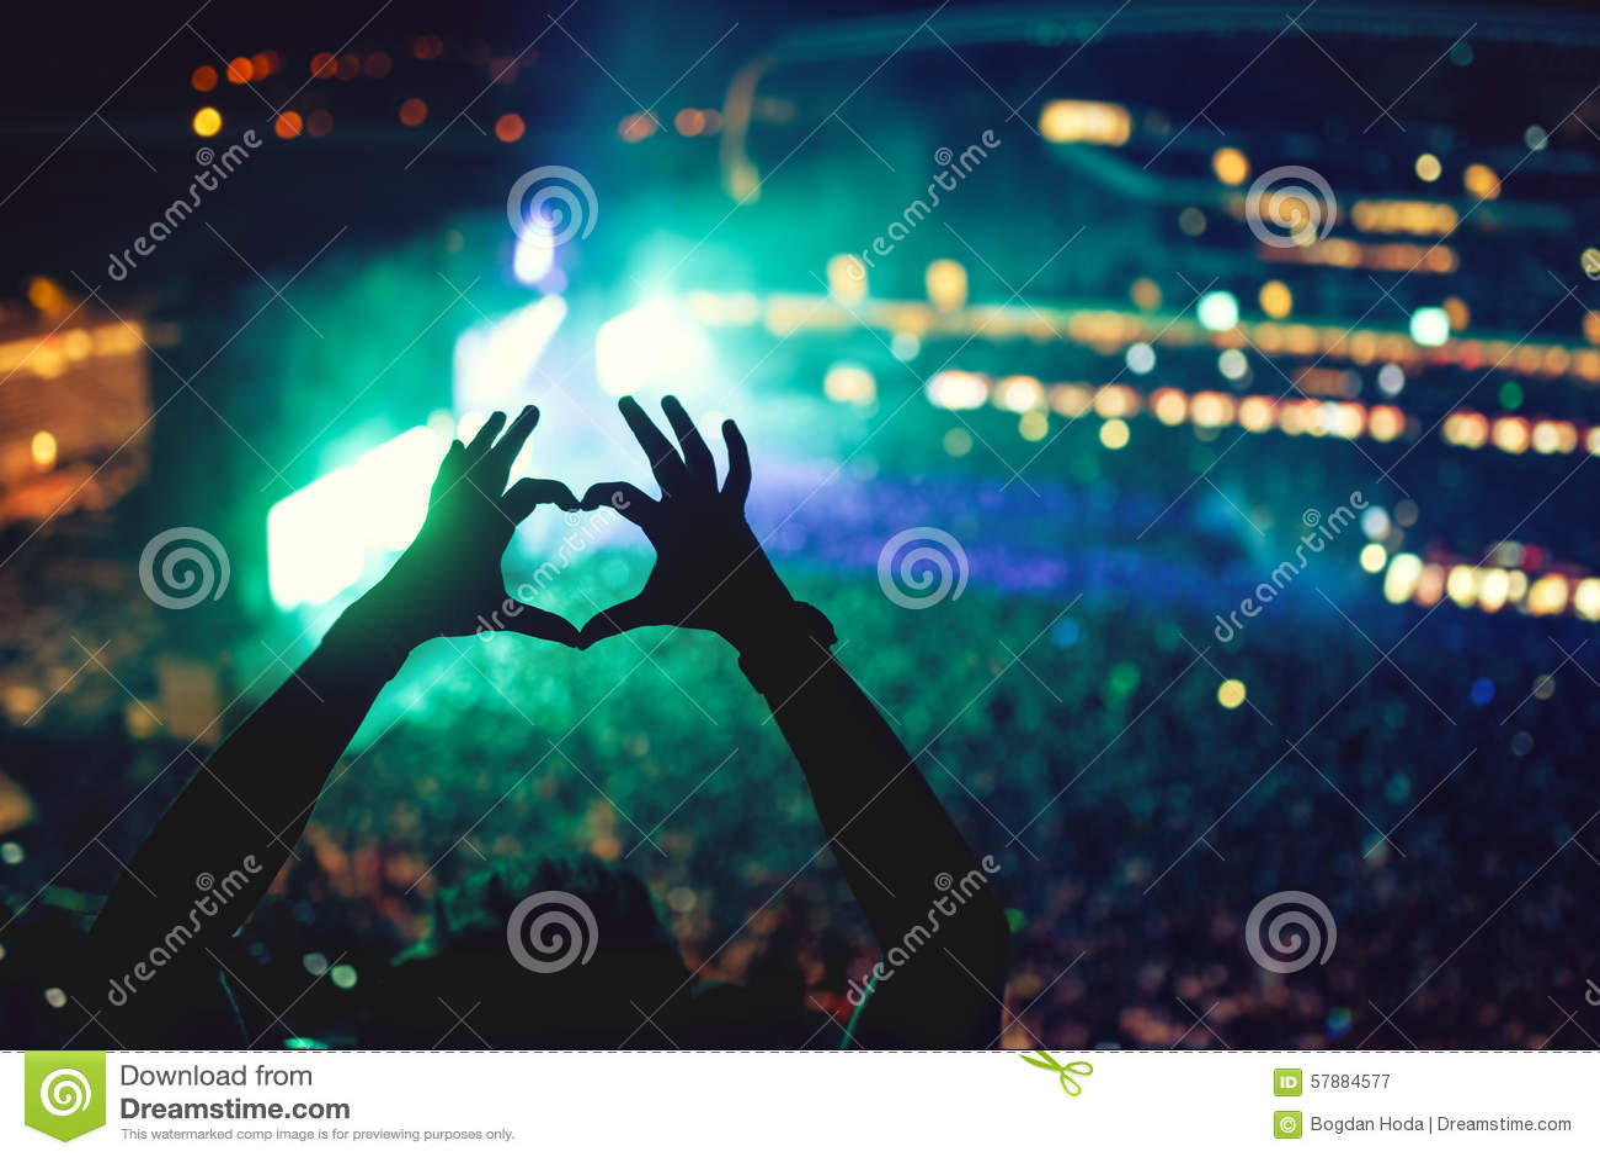 Hart gevormde handen bij overleg, houdend van de kunstenaar en van het festival Muziekoverleg met lichten en silhouet van mens he